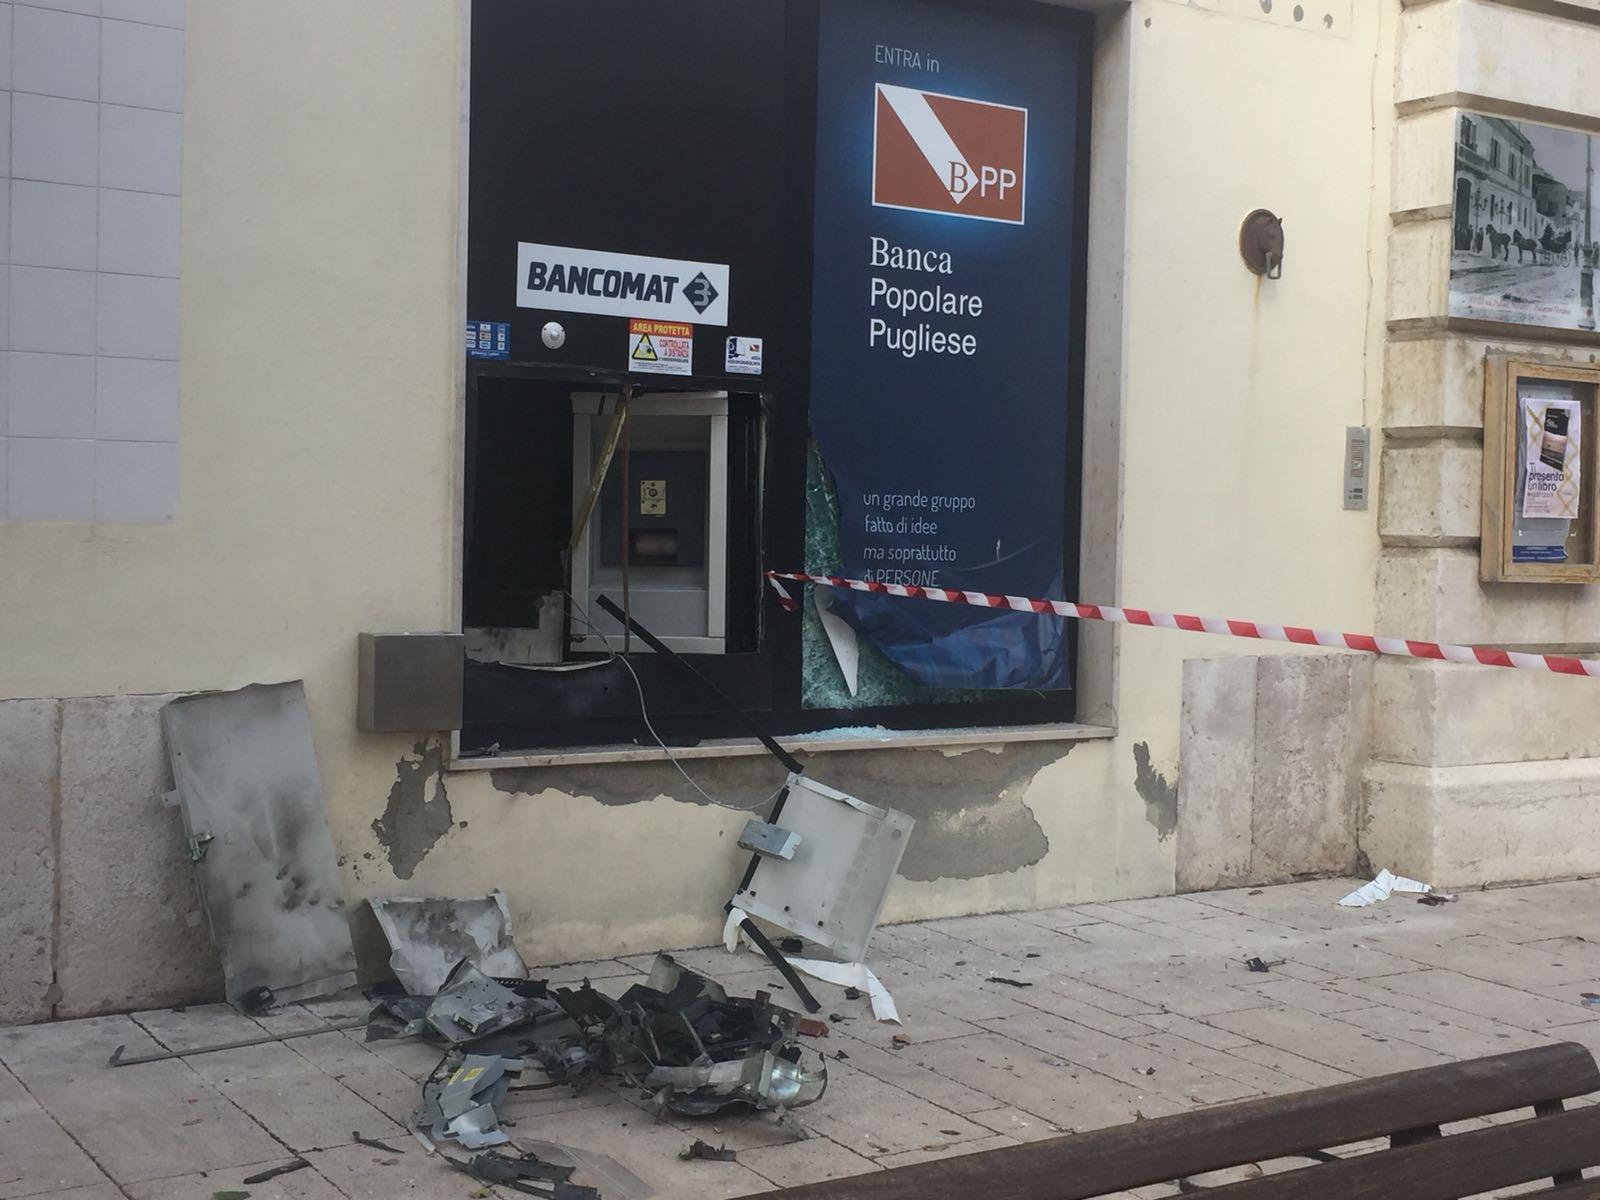 """""""Marmotta"""" in azione anche a Ferragosto, distrutto il bancomat della BPP di Campomarino"""